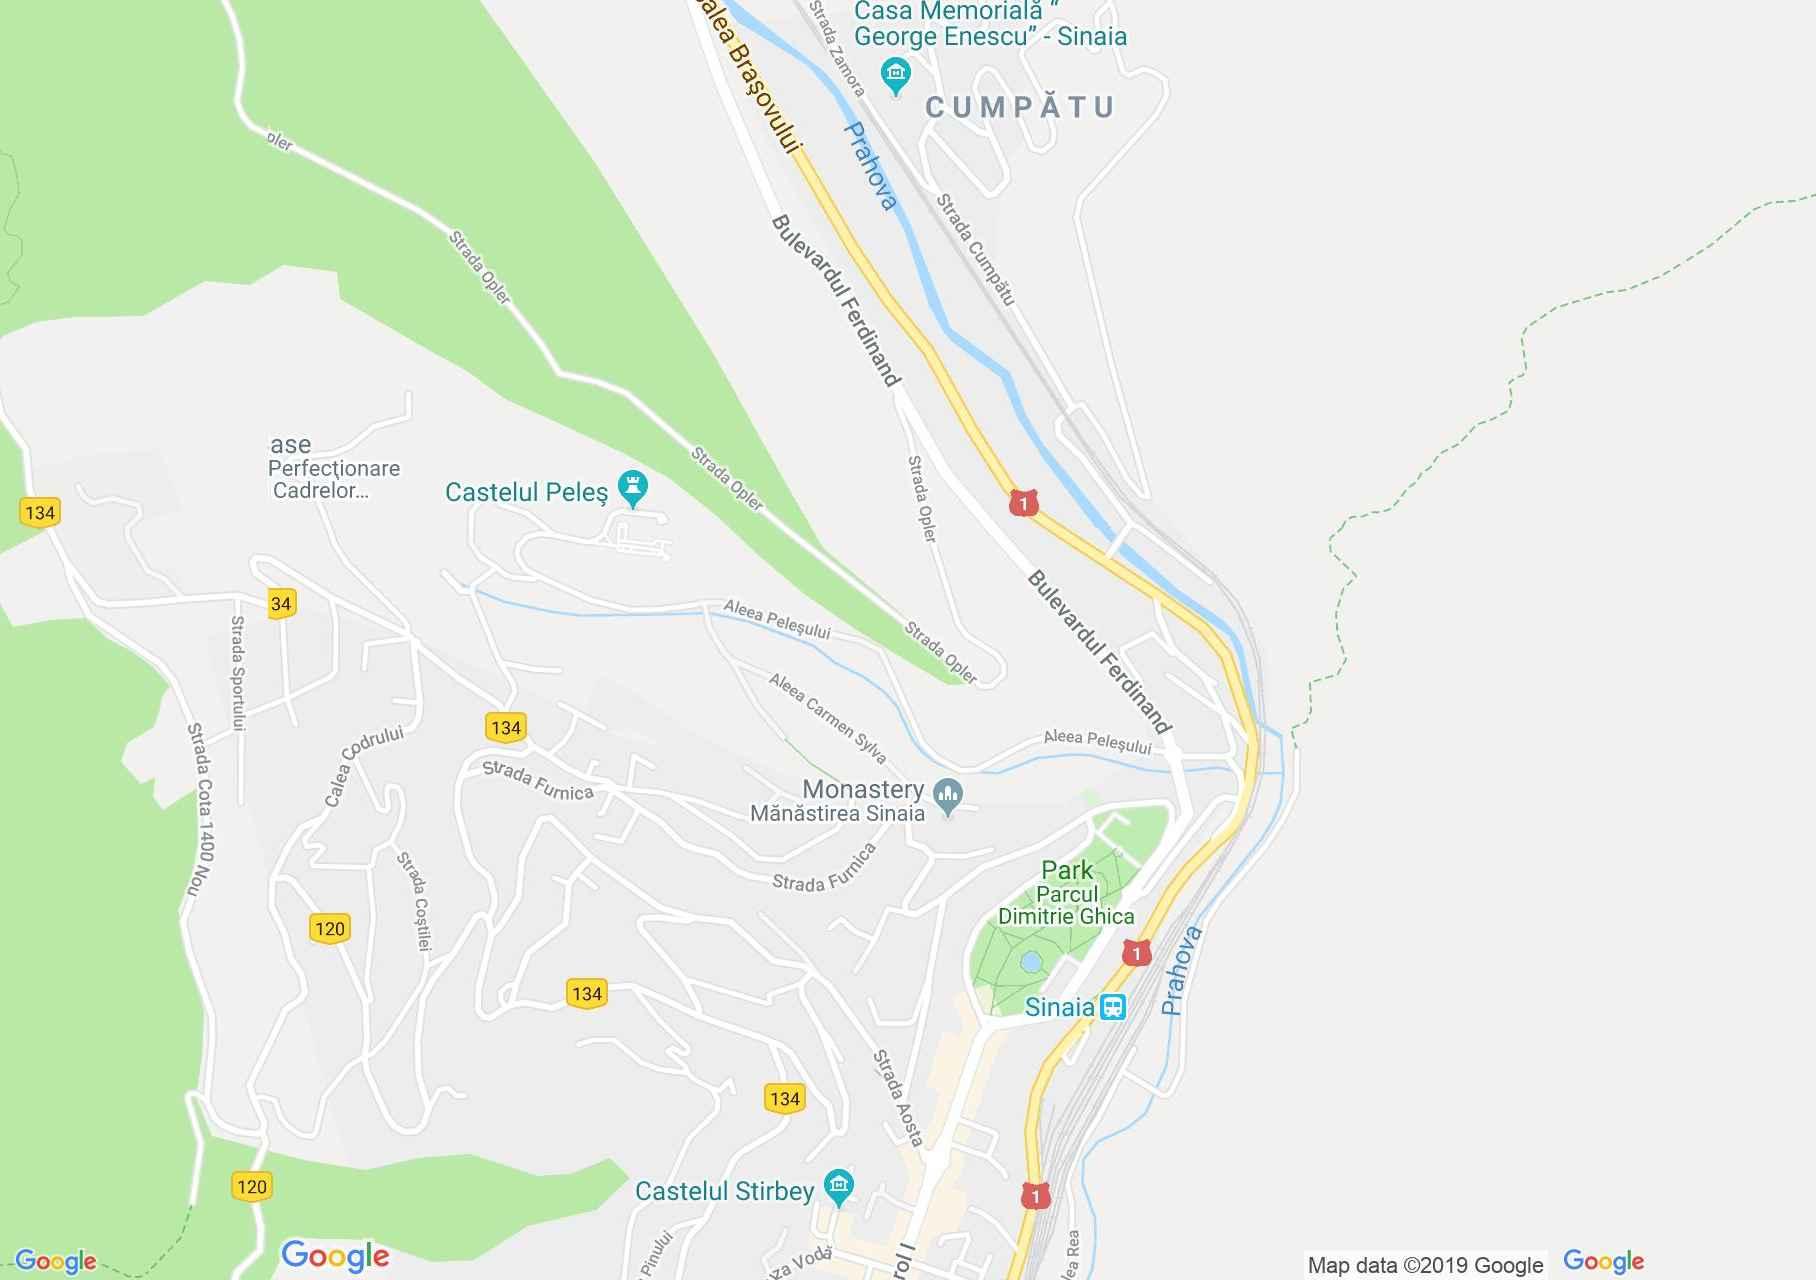 Sinaia: Argetoianu vila (térkép)